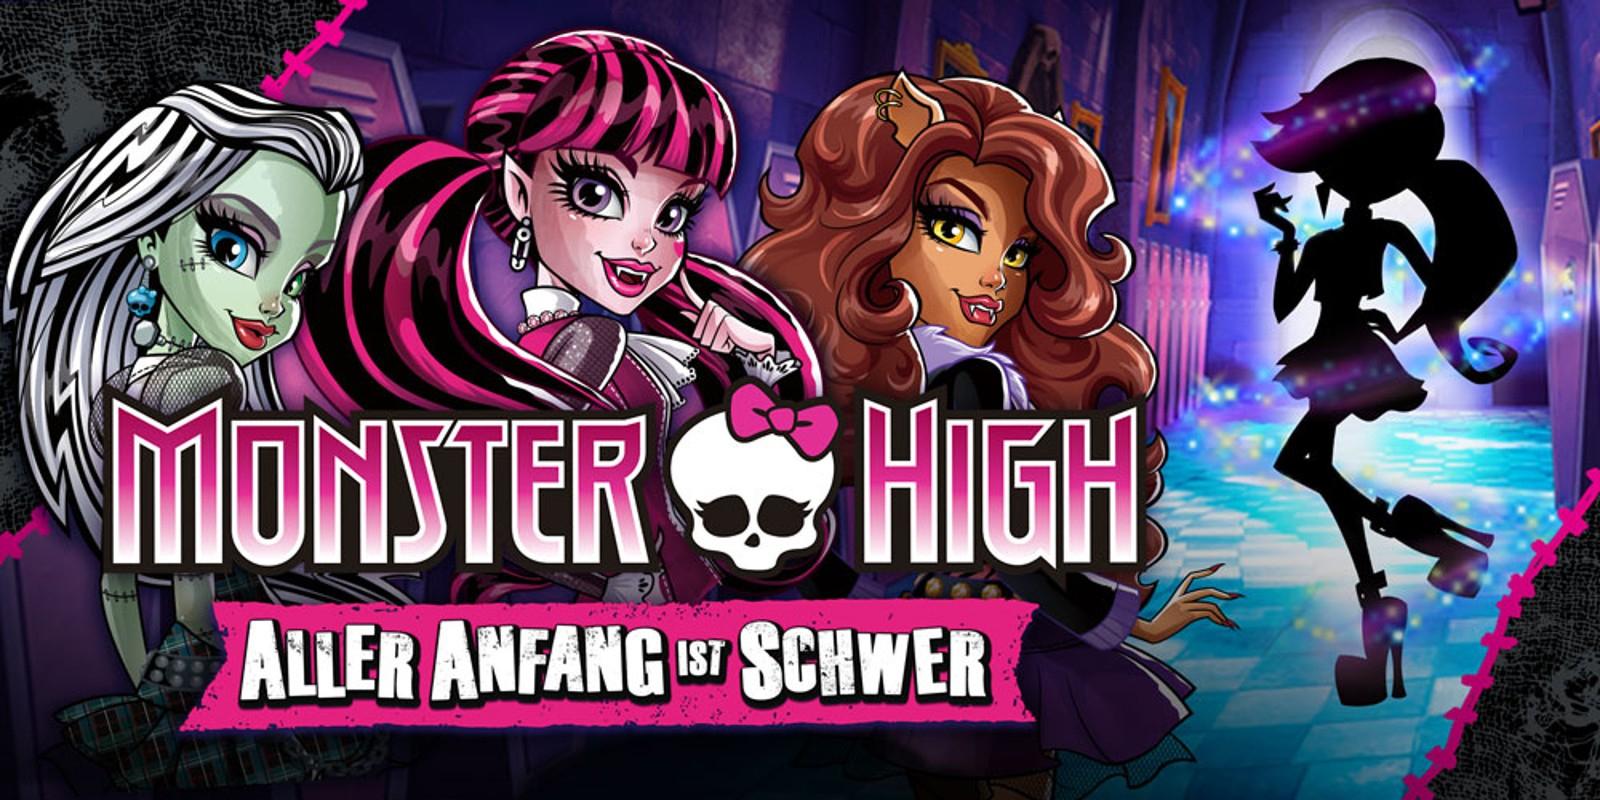 Monster High: Aller Anfang Ist Schwer   Wii U   Spiele über Monster High Spiele Kostenlos Online